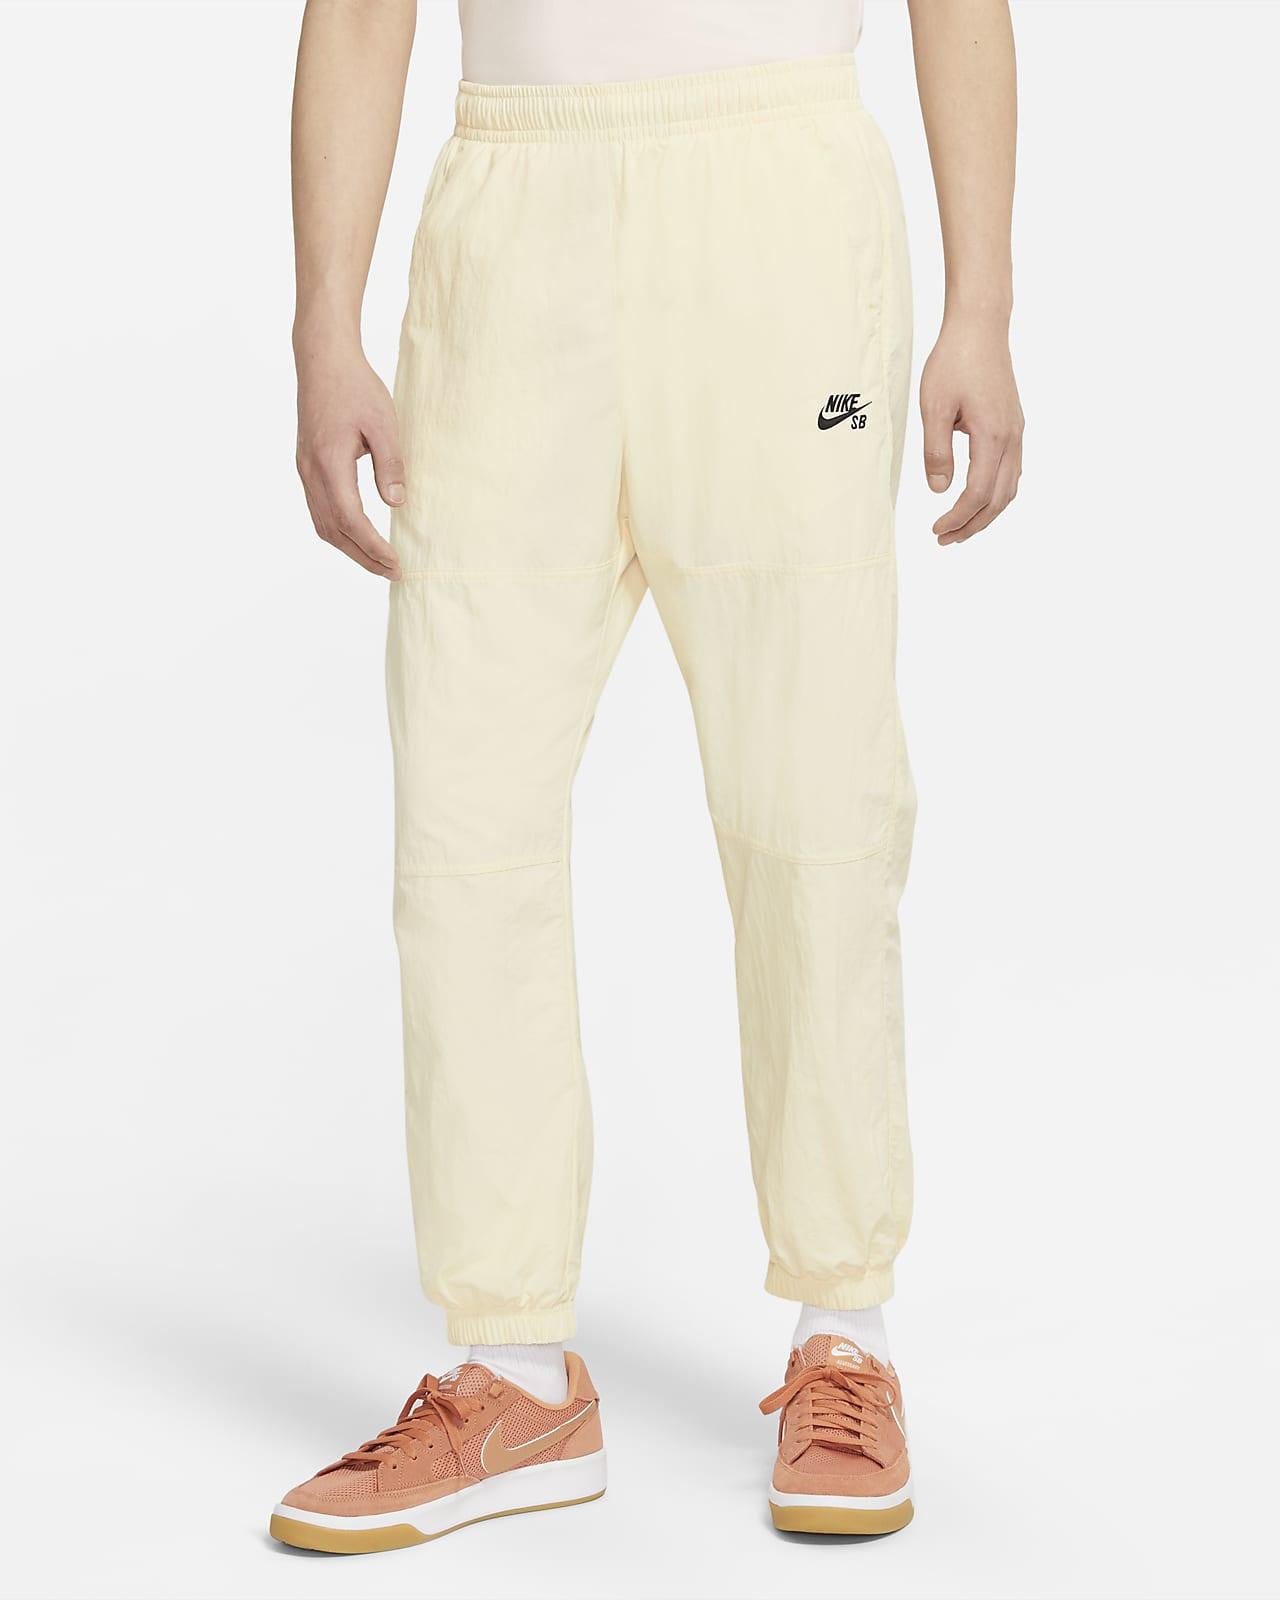 Nike SB 男子滑板长裤